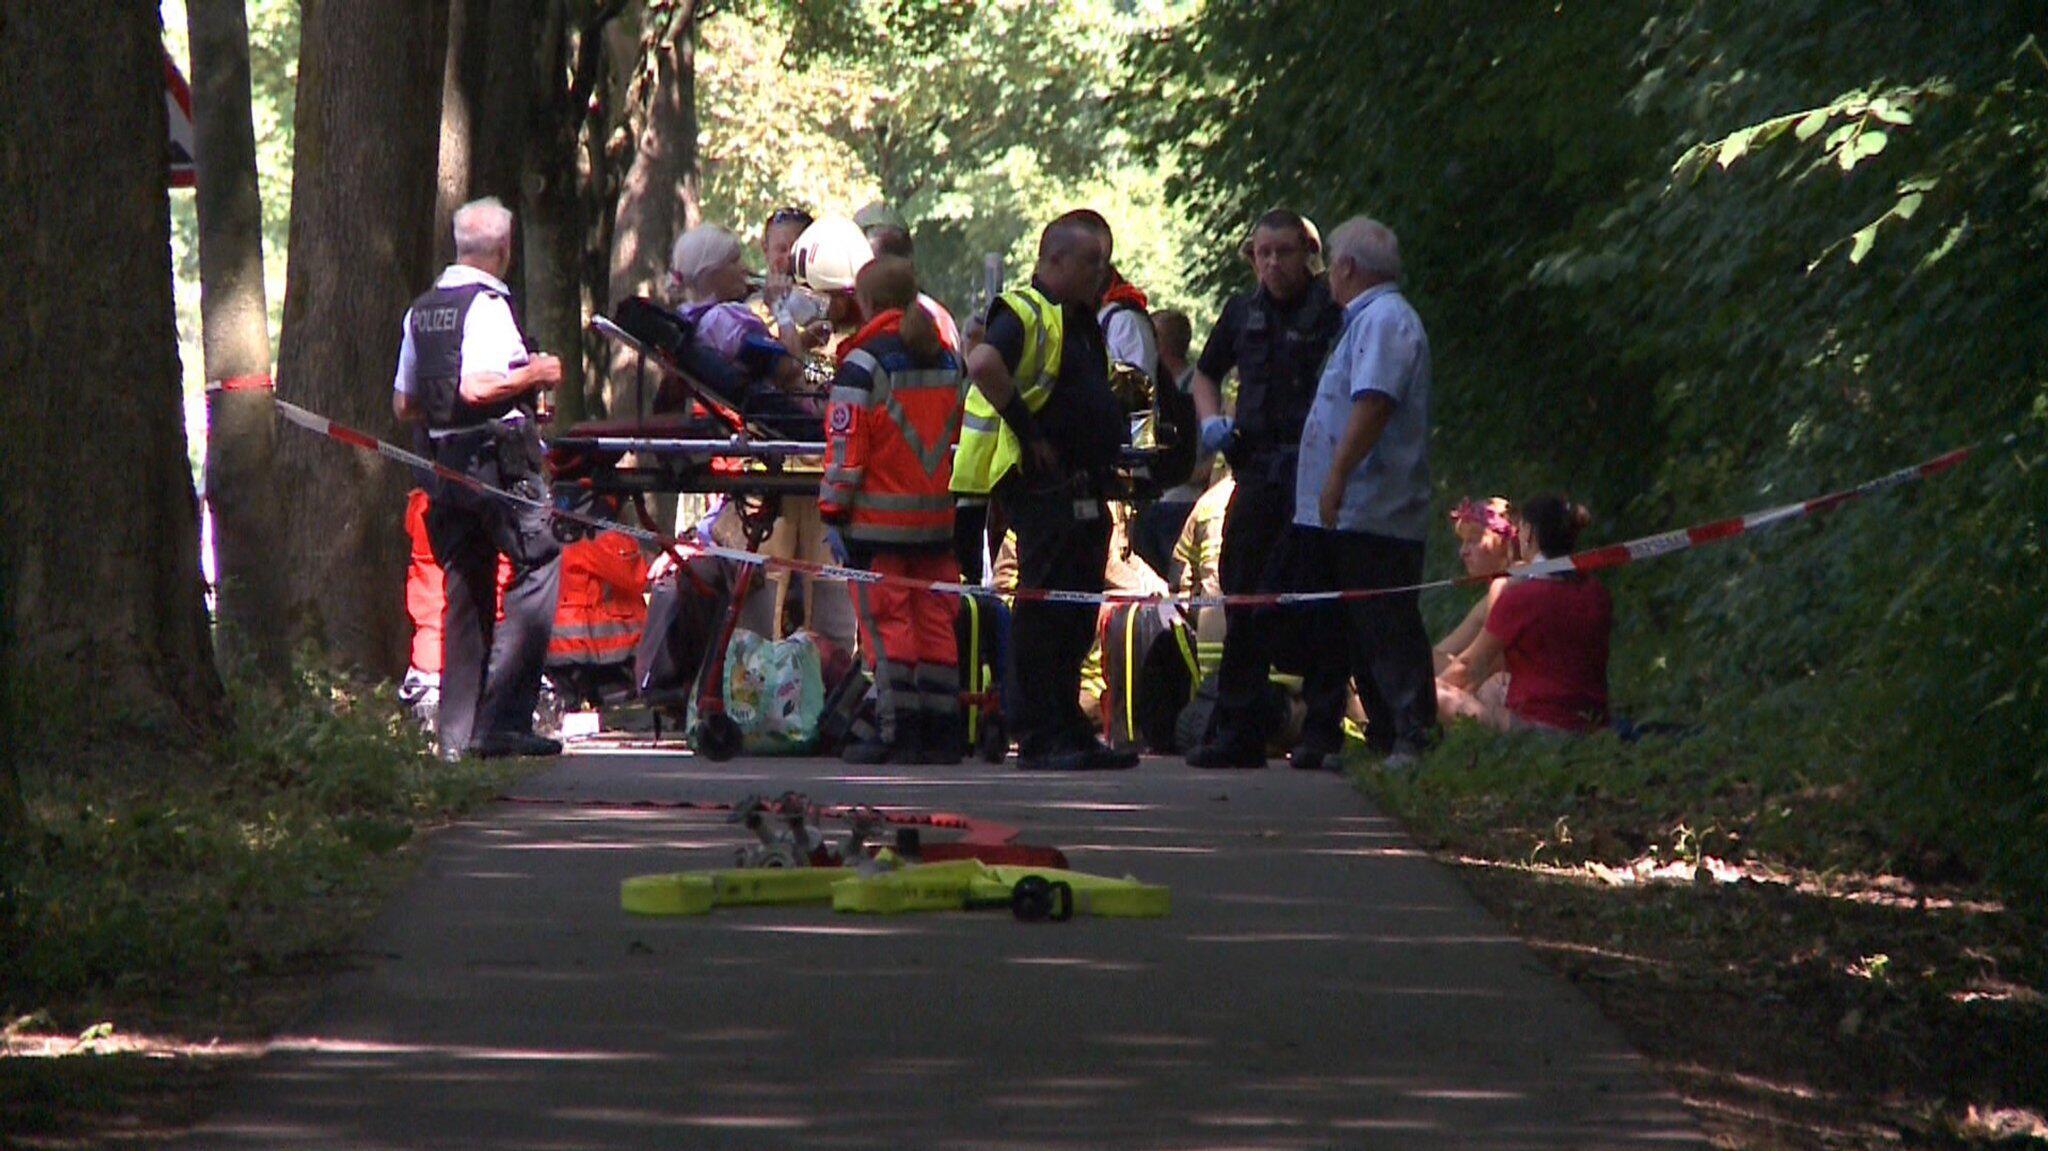 Bild zu Act of violence in Lübeck